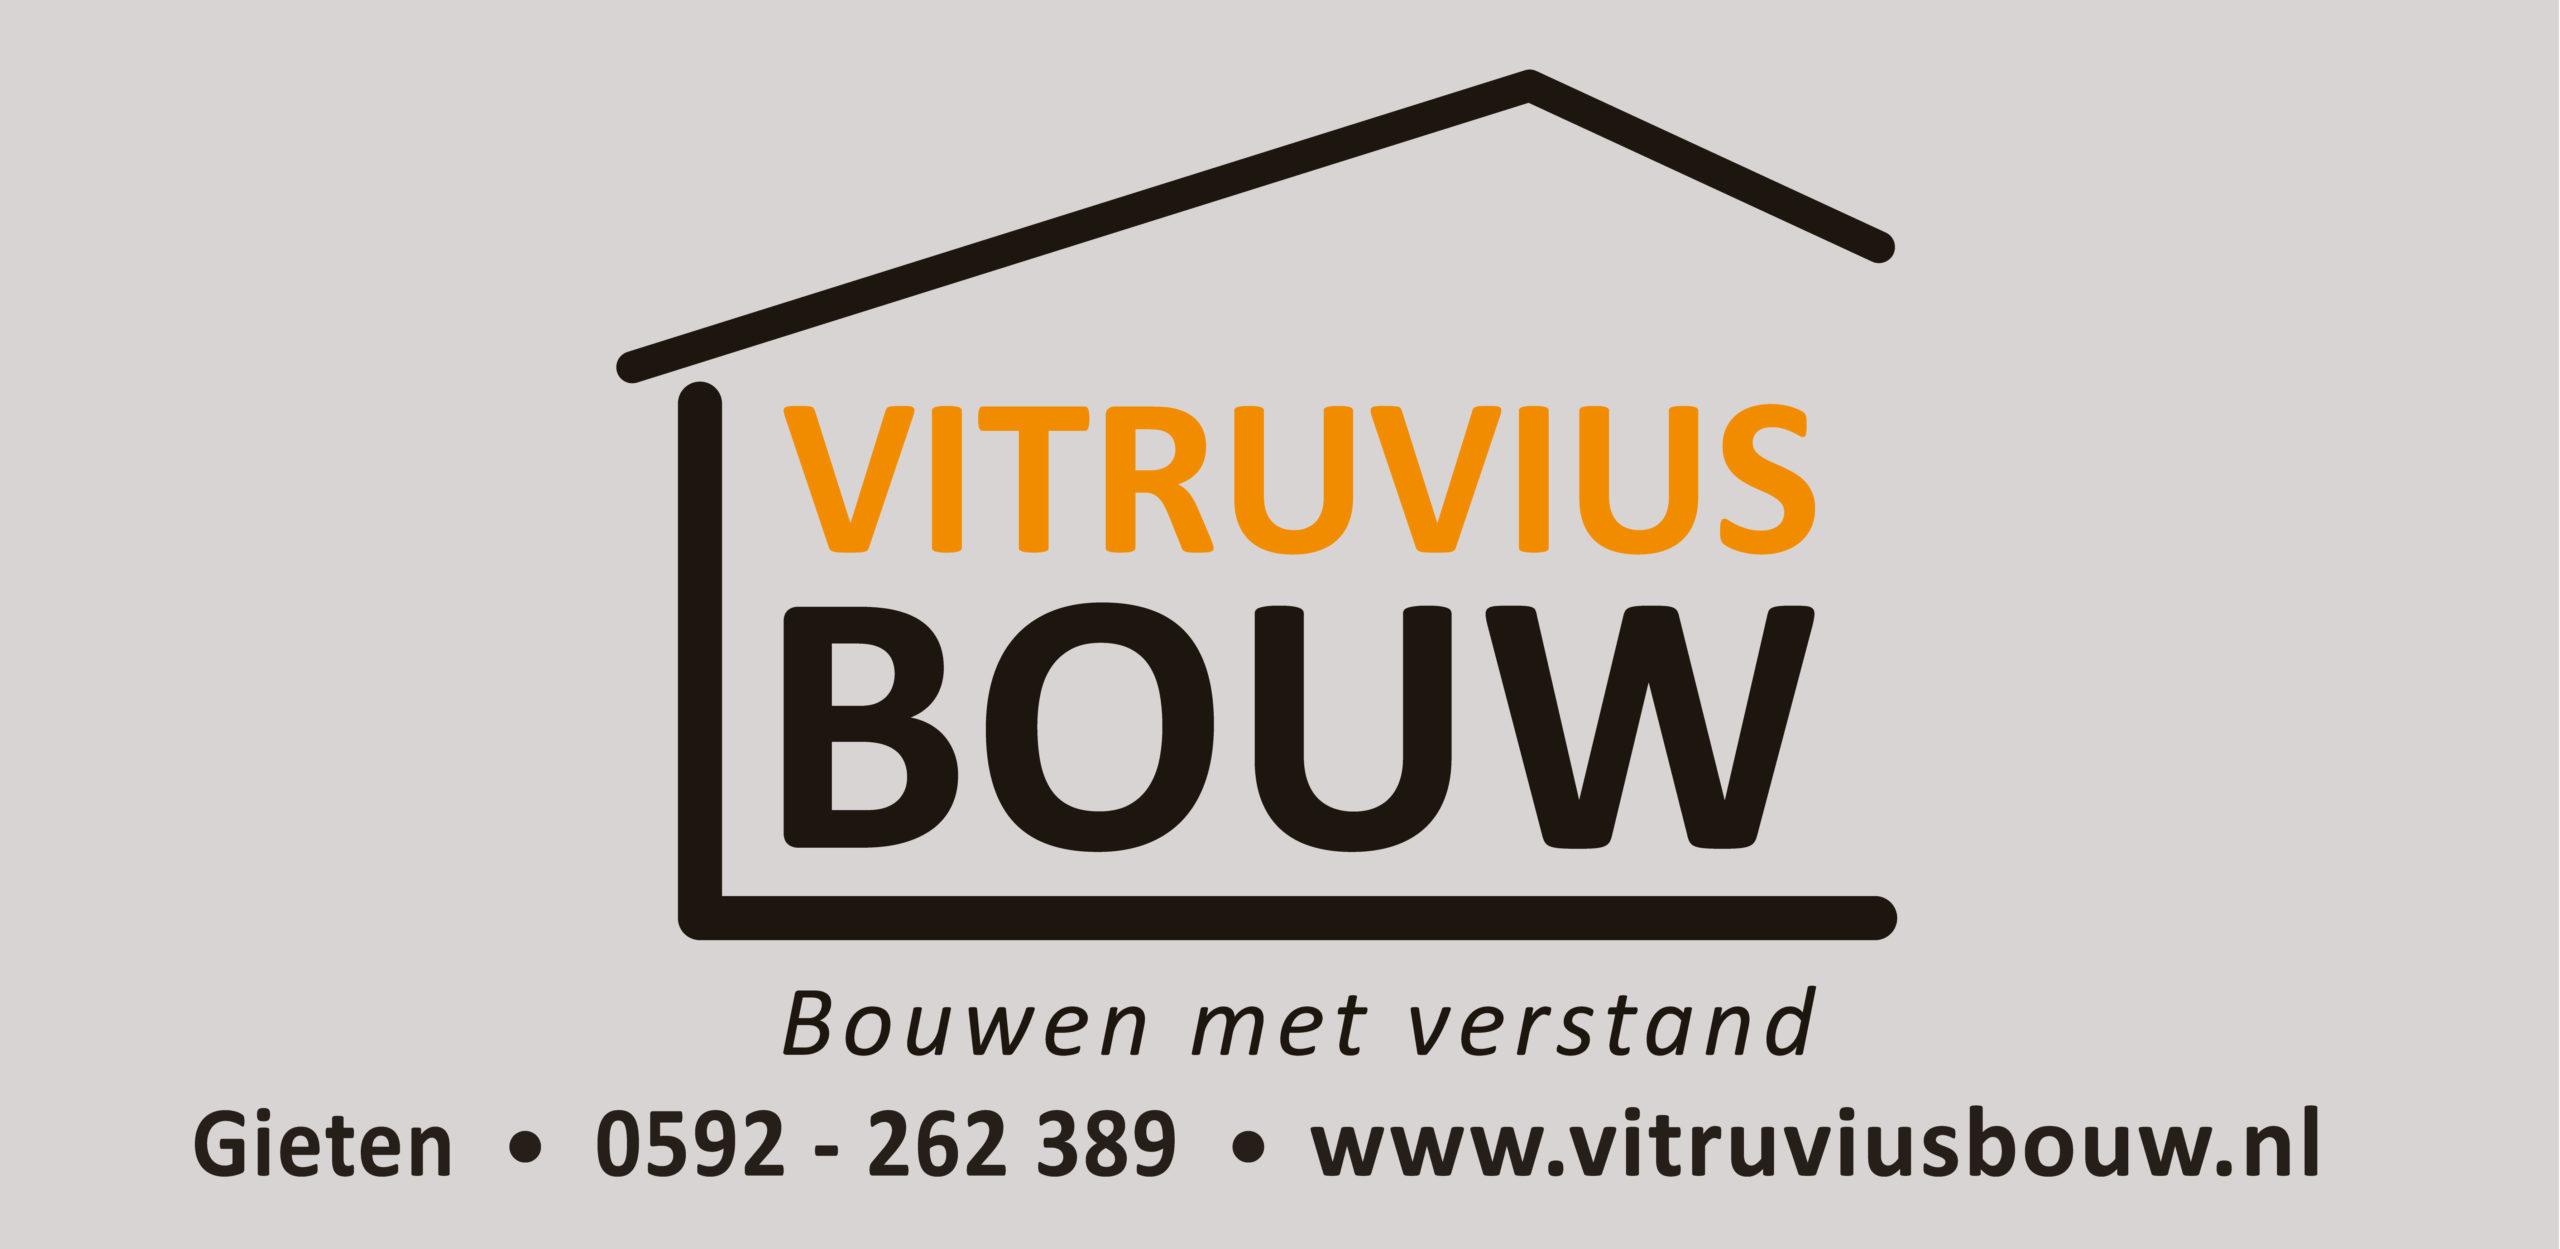 Vitruvius Bouw